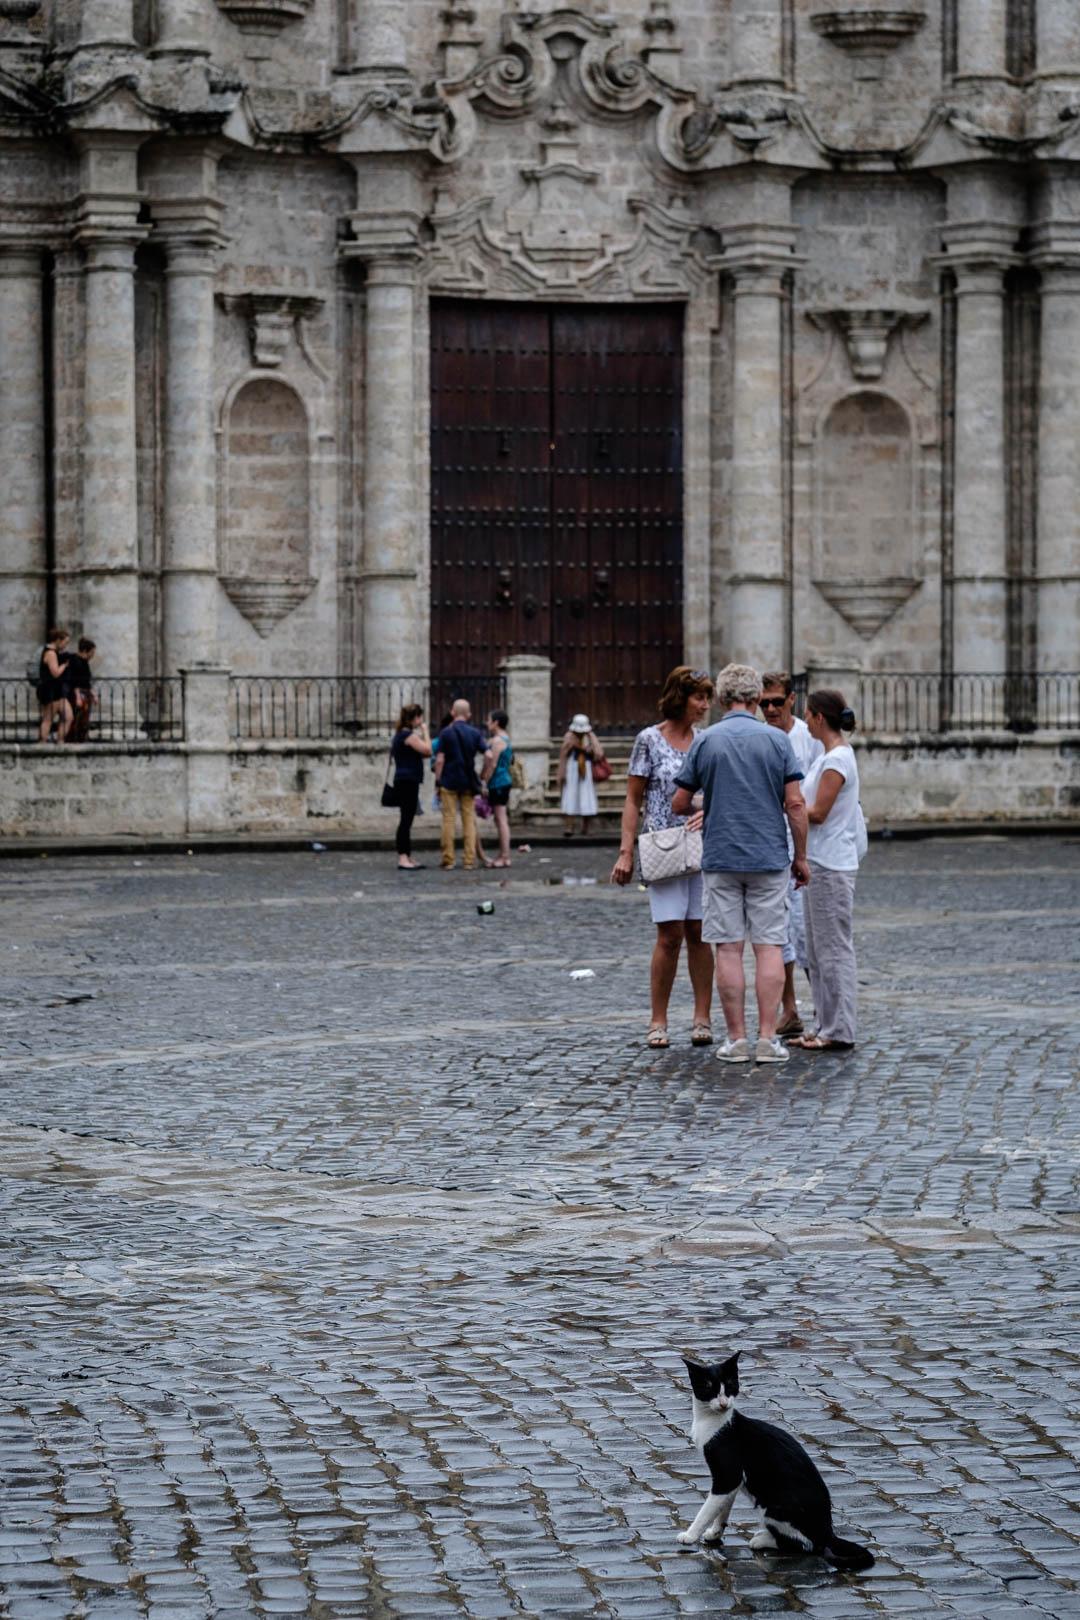 180426-Havana-179-1080.jpg